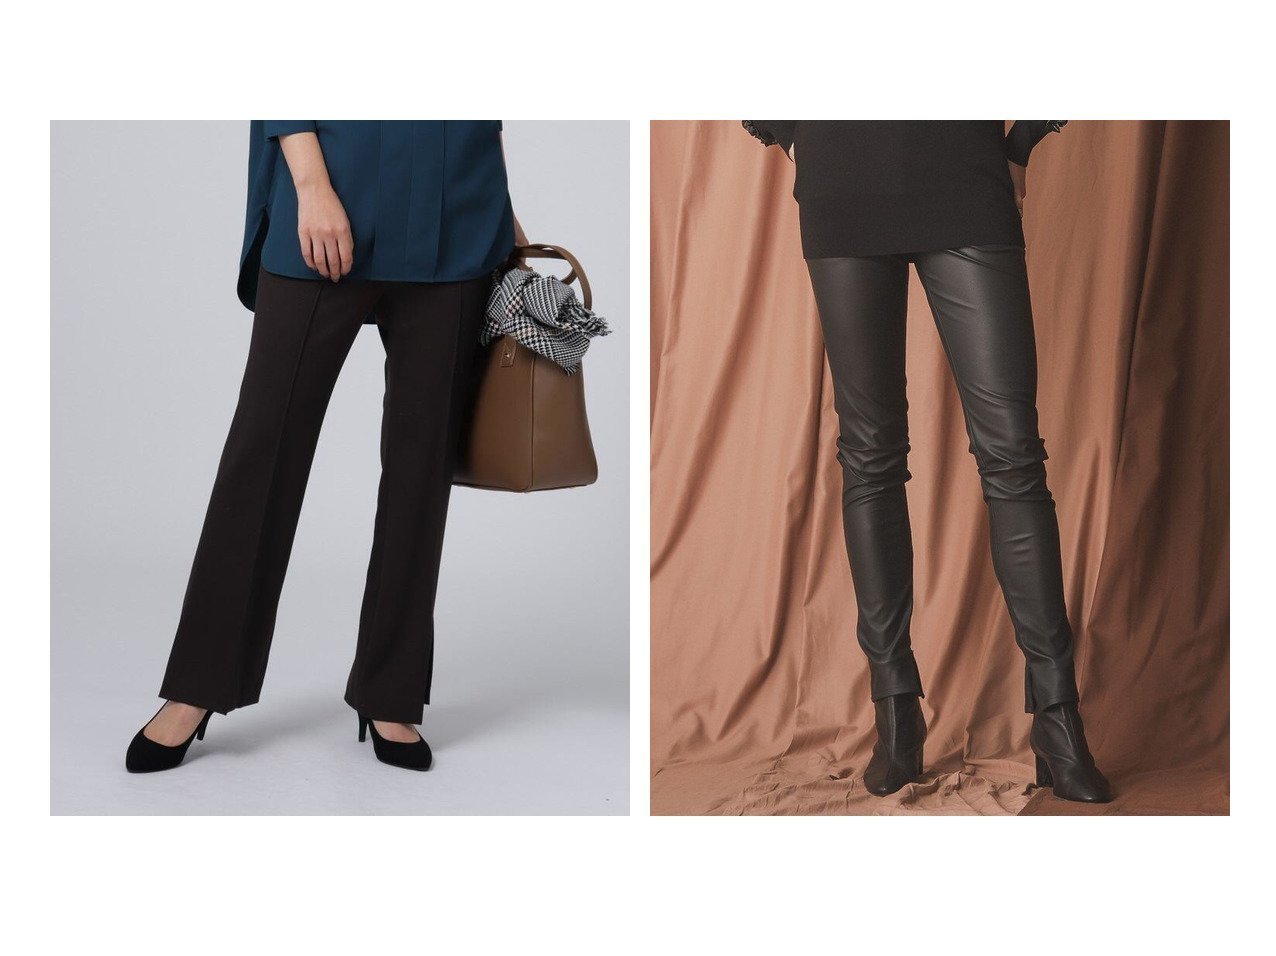 【EPOCA/エポカ】のマットコーティングスキニーパンツ&【UNTITLED/アンタイトル】の【洗える】アモーレカルゼジャージパンツ パンツのおすすめ!人気、レディースファッションの通販 おすすめで人気のファッション通販商品 インテリア・家具・キッズファッション・メンズファッション・レディースファッション・服の通販 founy(ファニー) https://founy.com/ ファッション Fashion レディース WOMEN パンツ Pants ストレッチ フレア ポケット リラックス フィット |ID:crp329100000002601